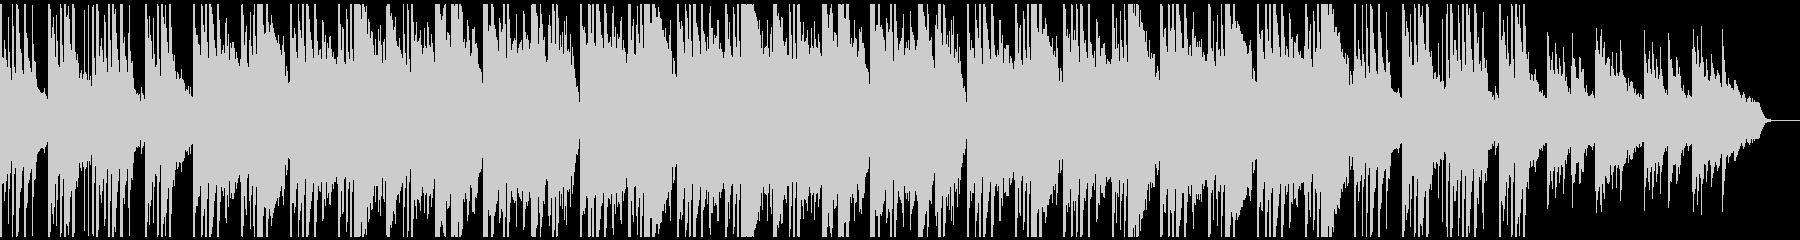 和風バラード 琴、和太鼓、尺八、ピアノの未再生の波形